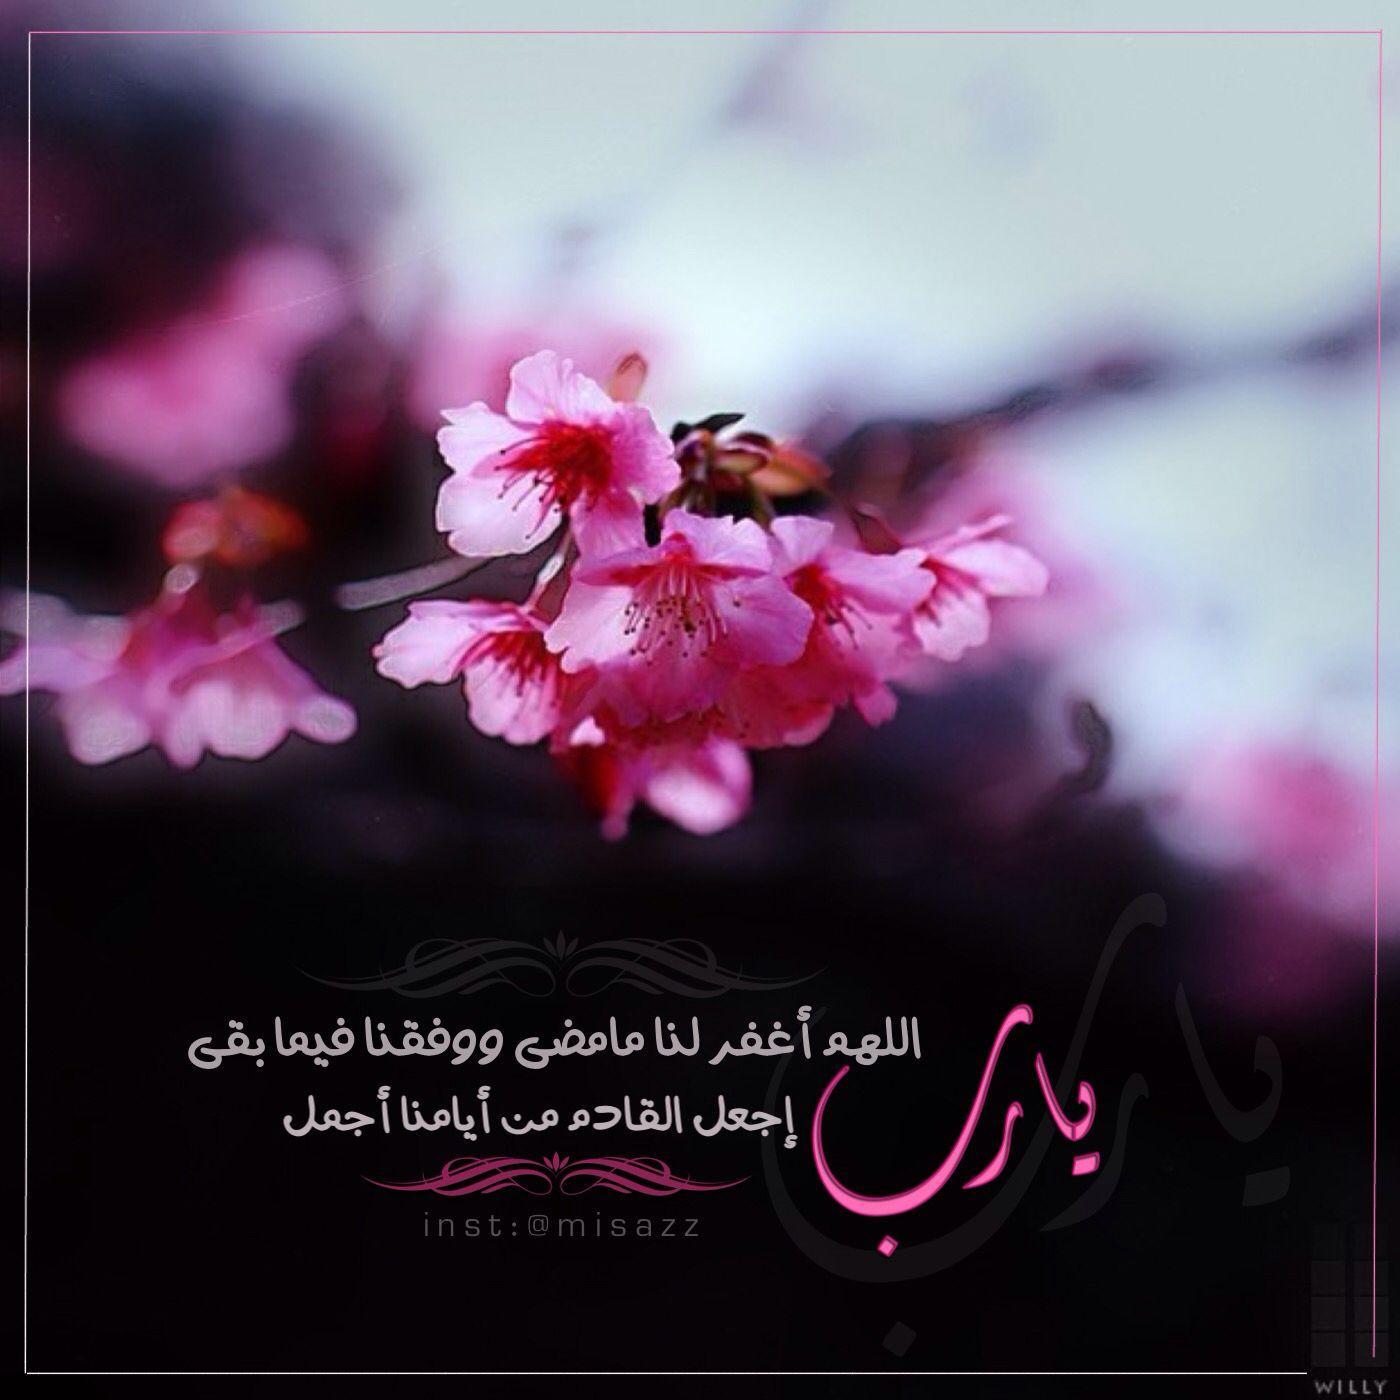 اللهم أغفر لنا مامضى ووفقنا فيما بقى يارب إجعل القادم من أيامنا أجمل اخر جمعه من هذا العام